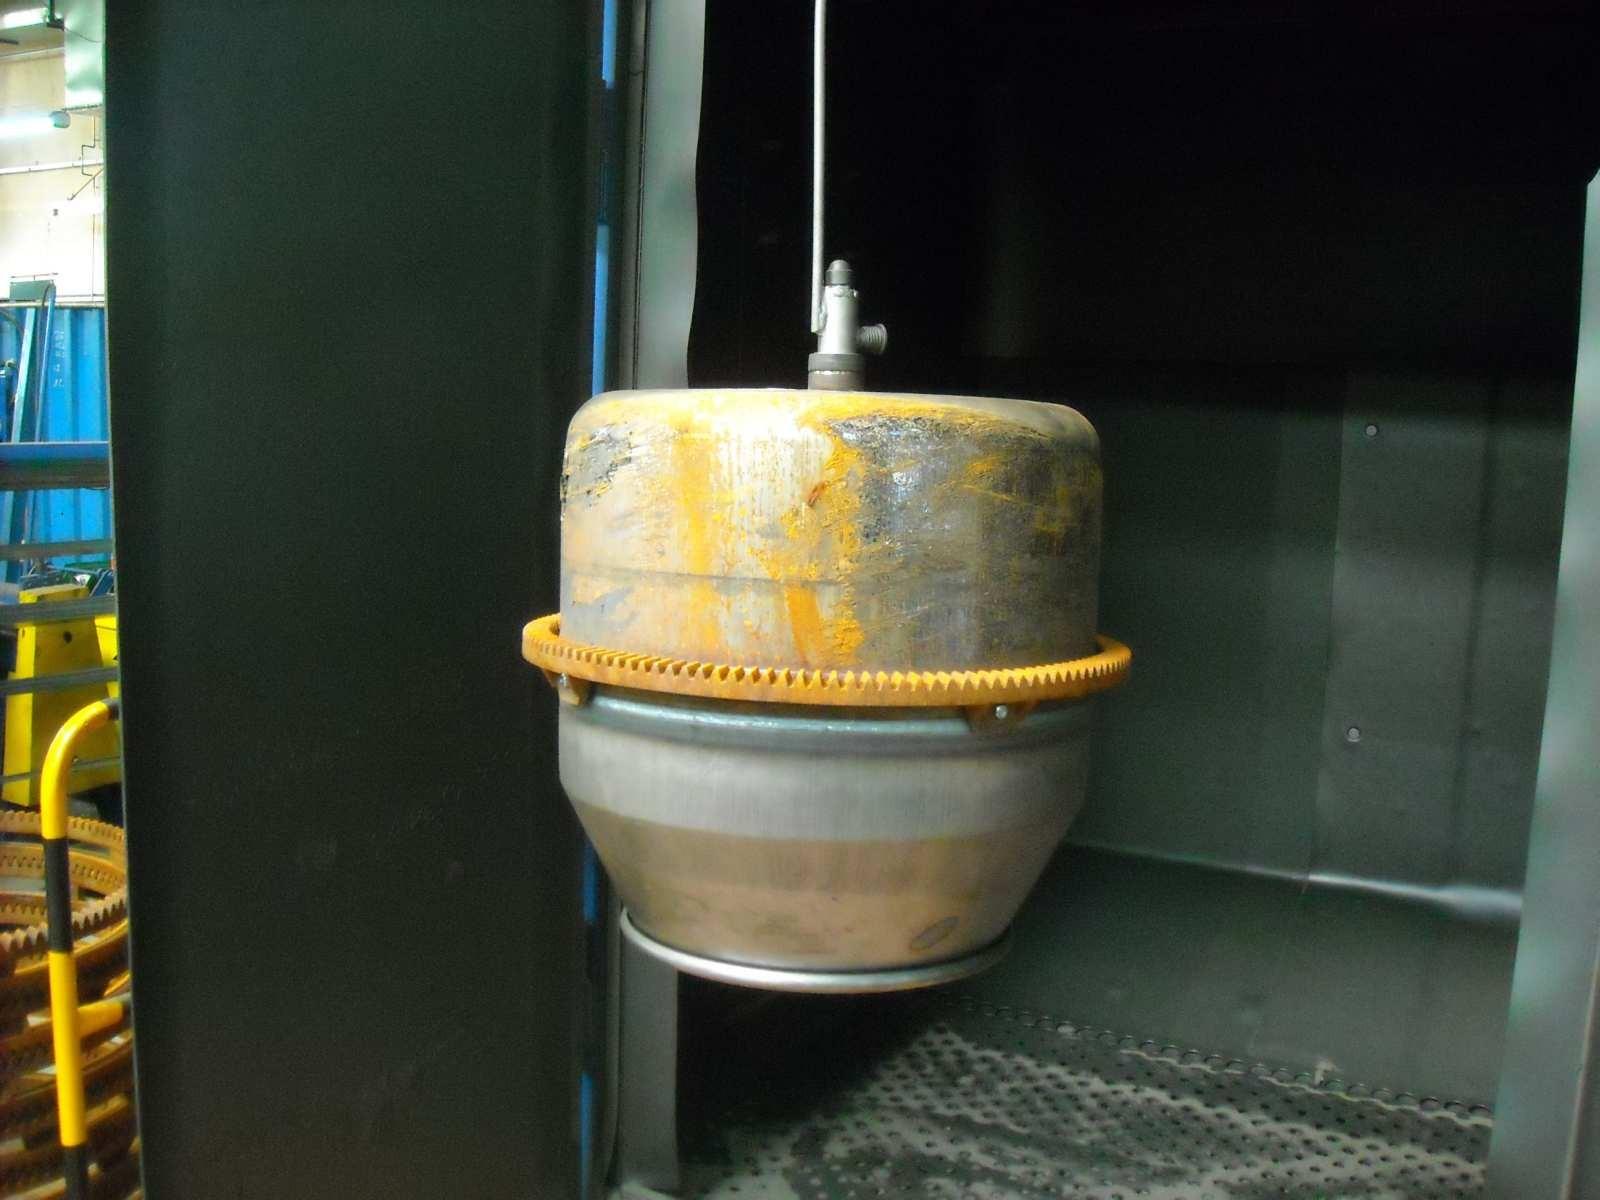 betoniarka przed śrutowaniem